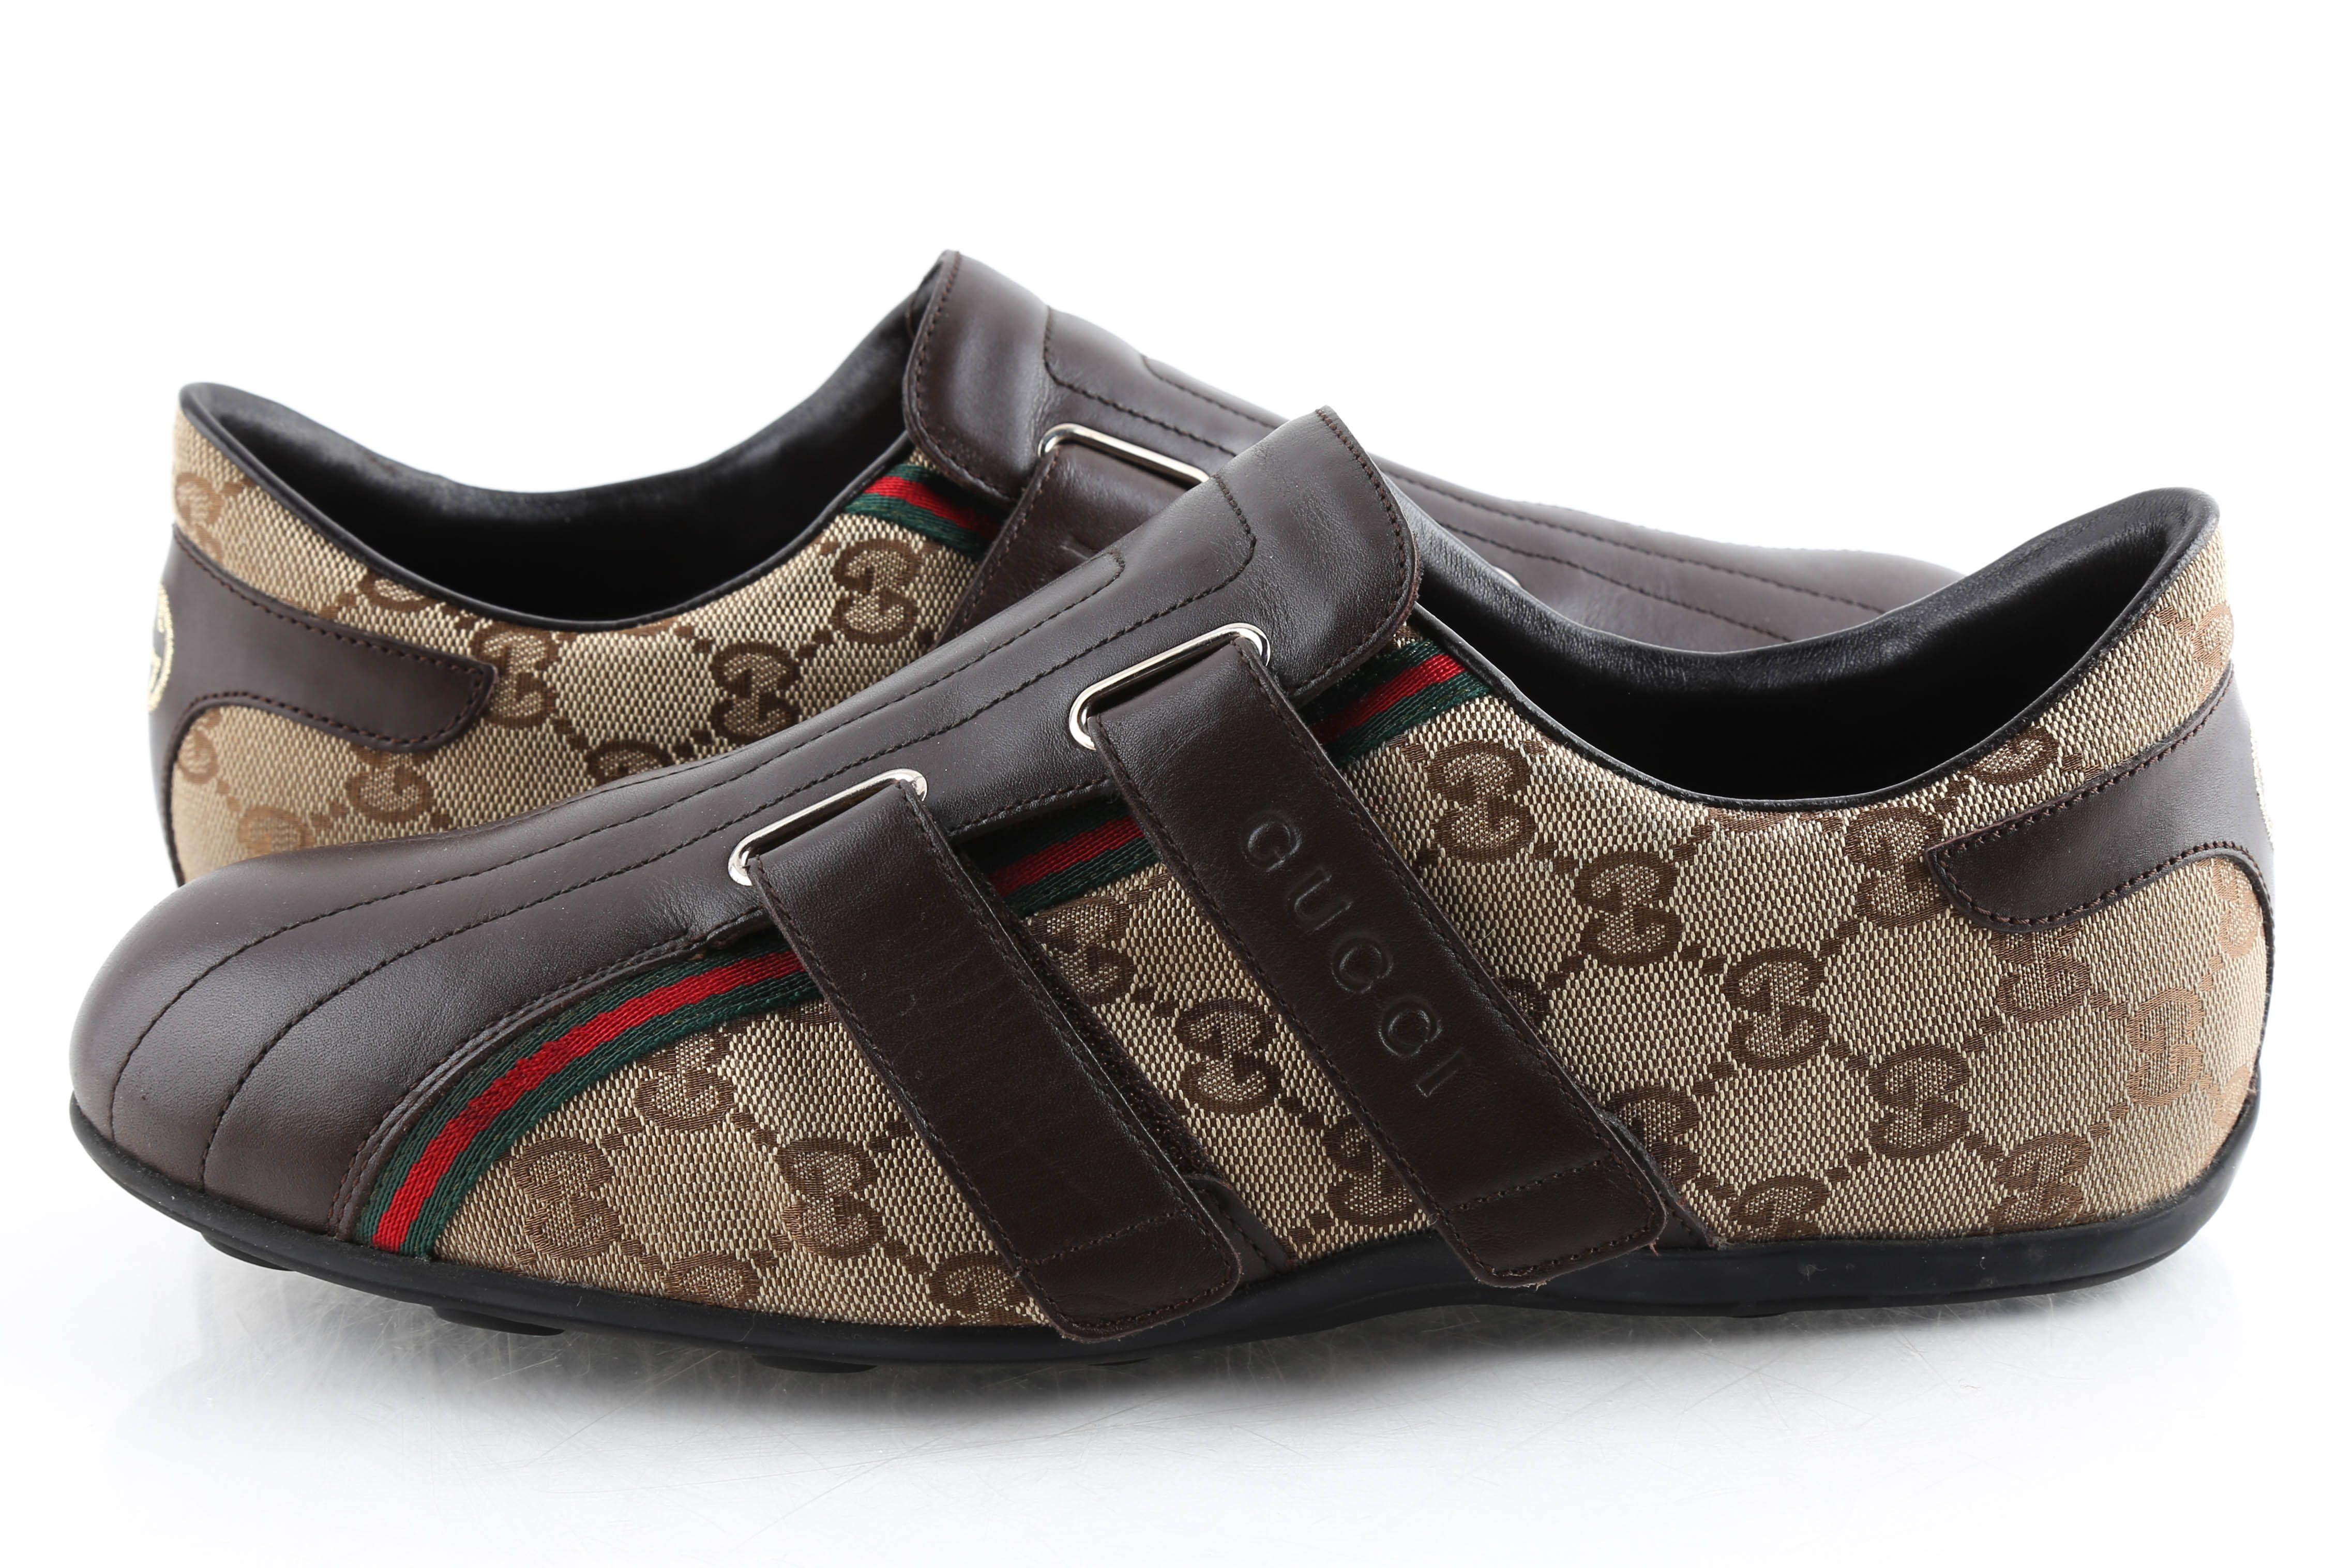 Gucci Monogram GG Velcro Shoes   LePrix